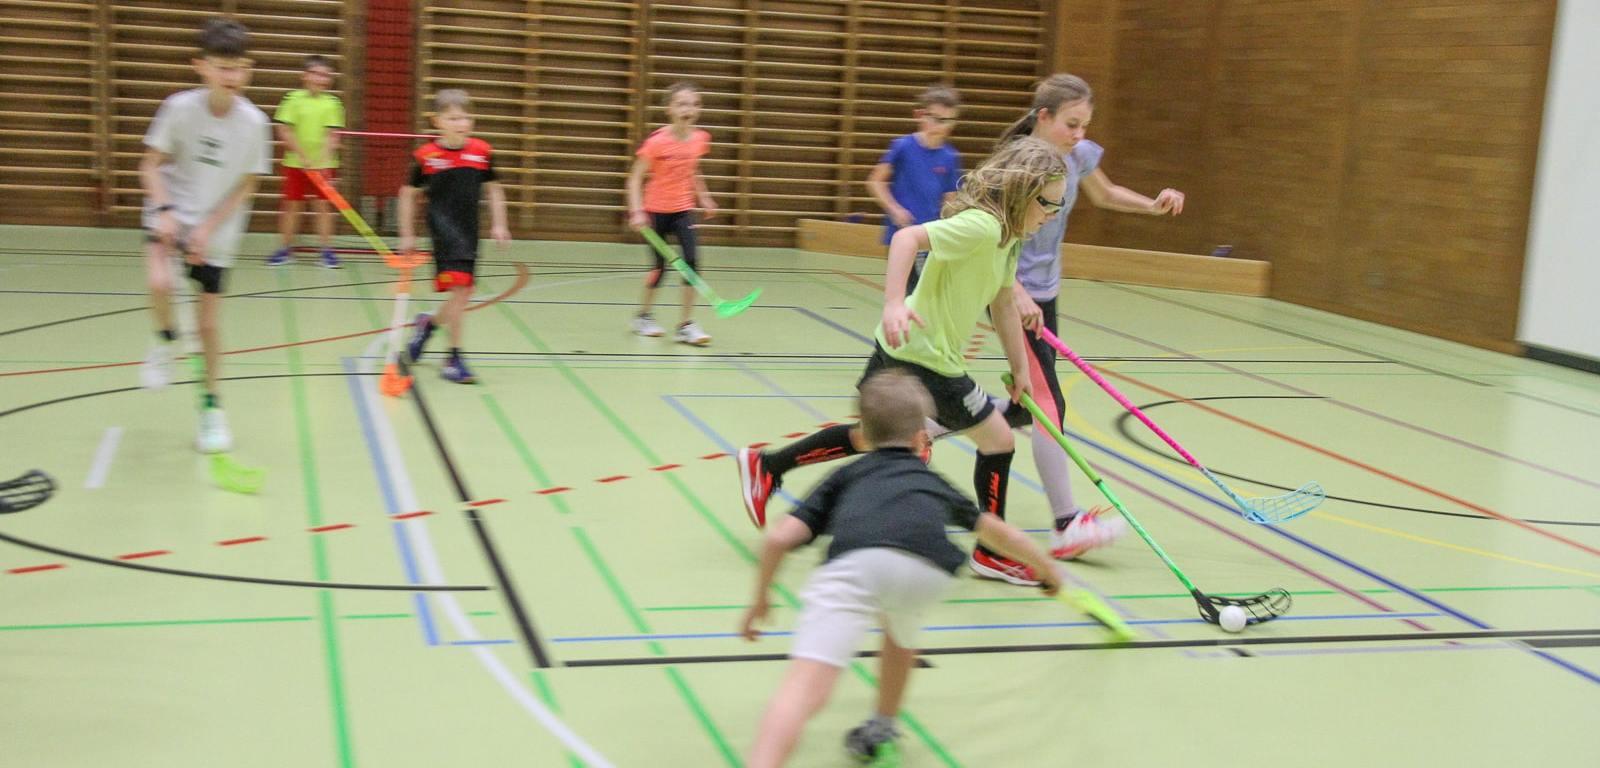 Juniorentraining beim UHC Kreuzlingen